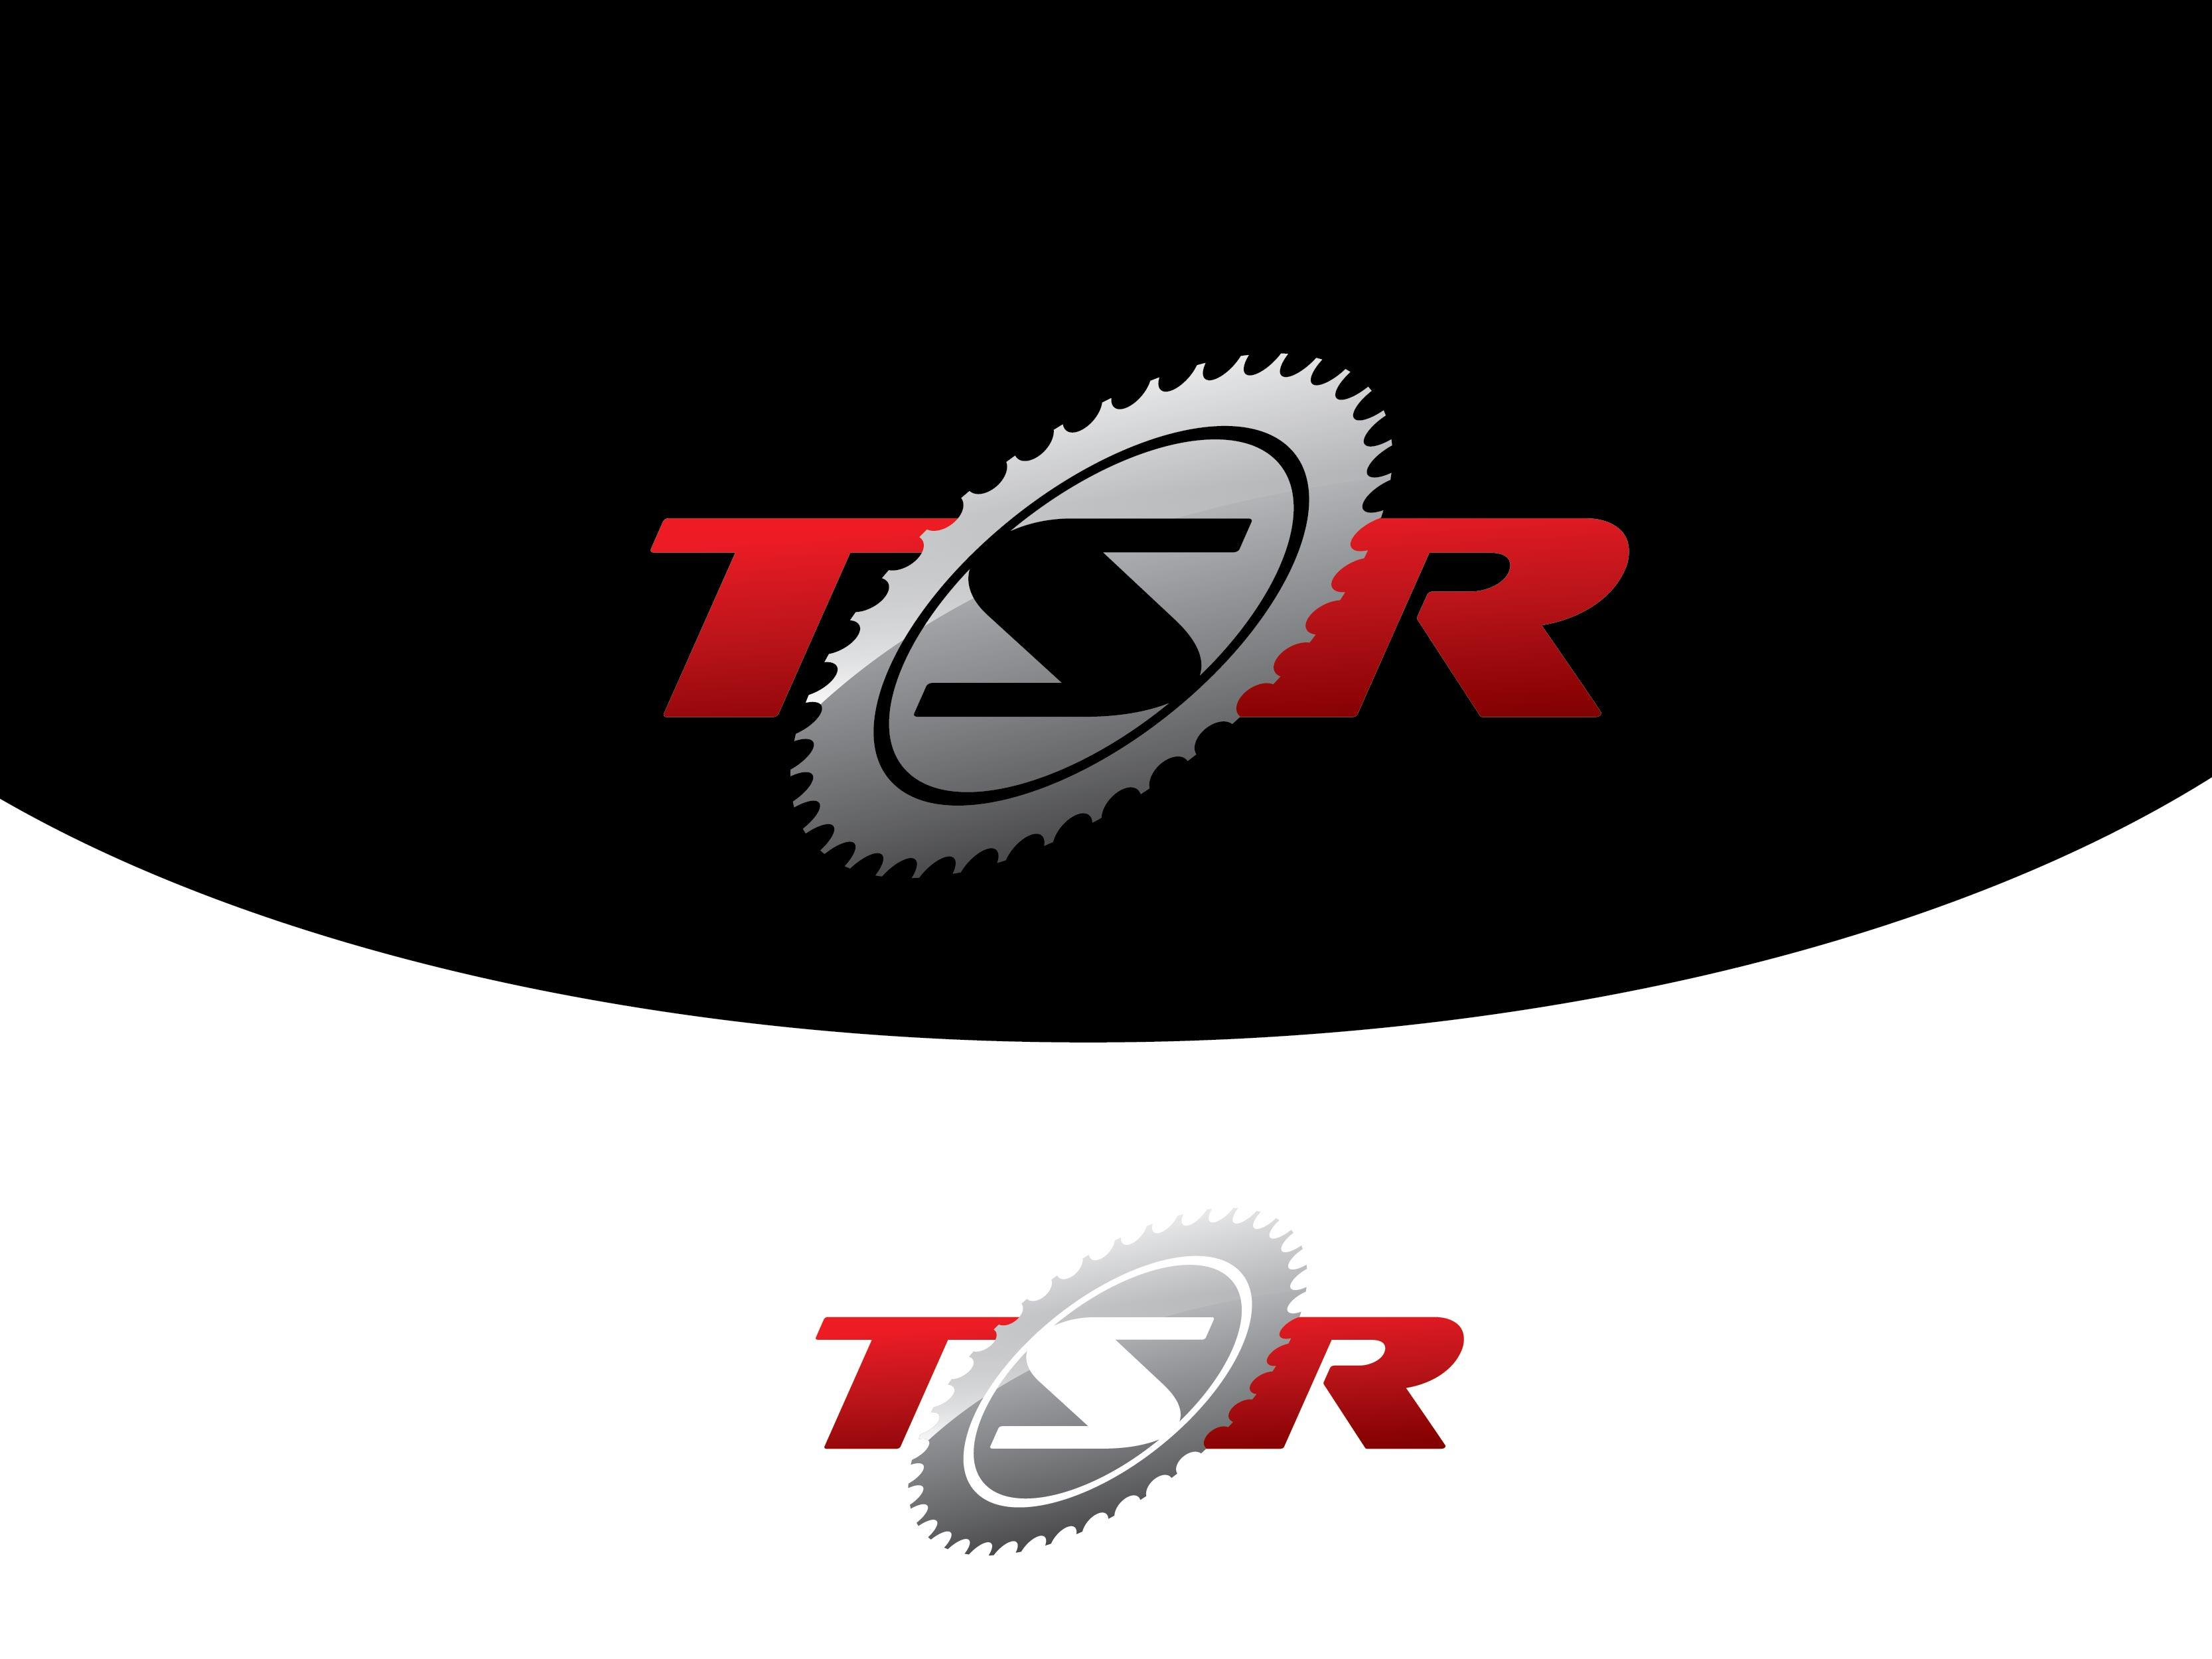 Logo Design by demang - Entry No. 26 in the Logo Design Contest Creative Logo Design for TSR.